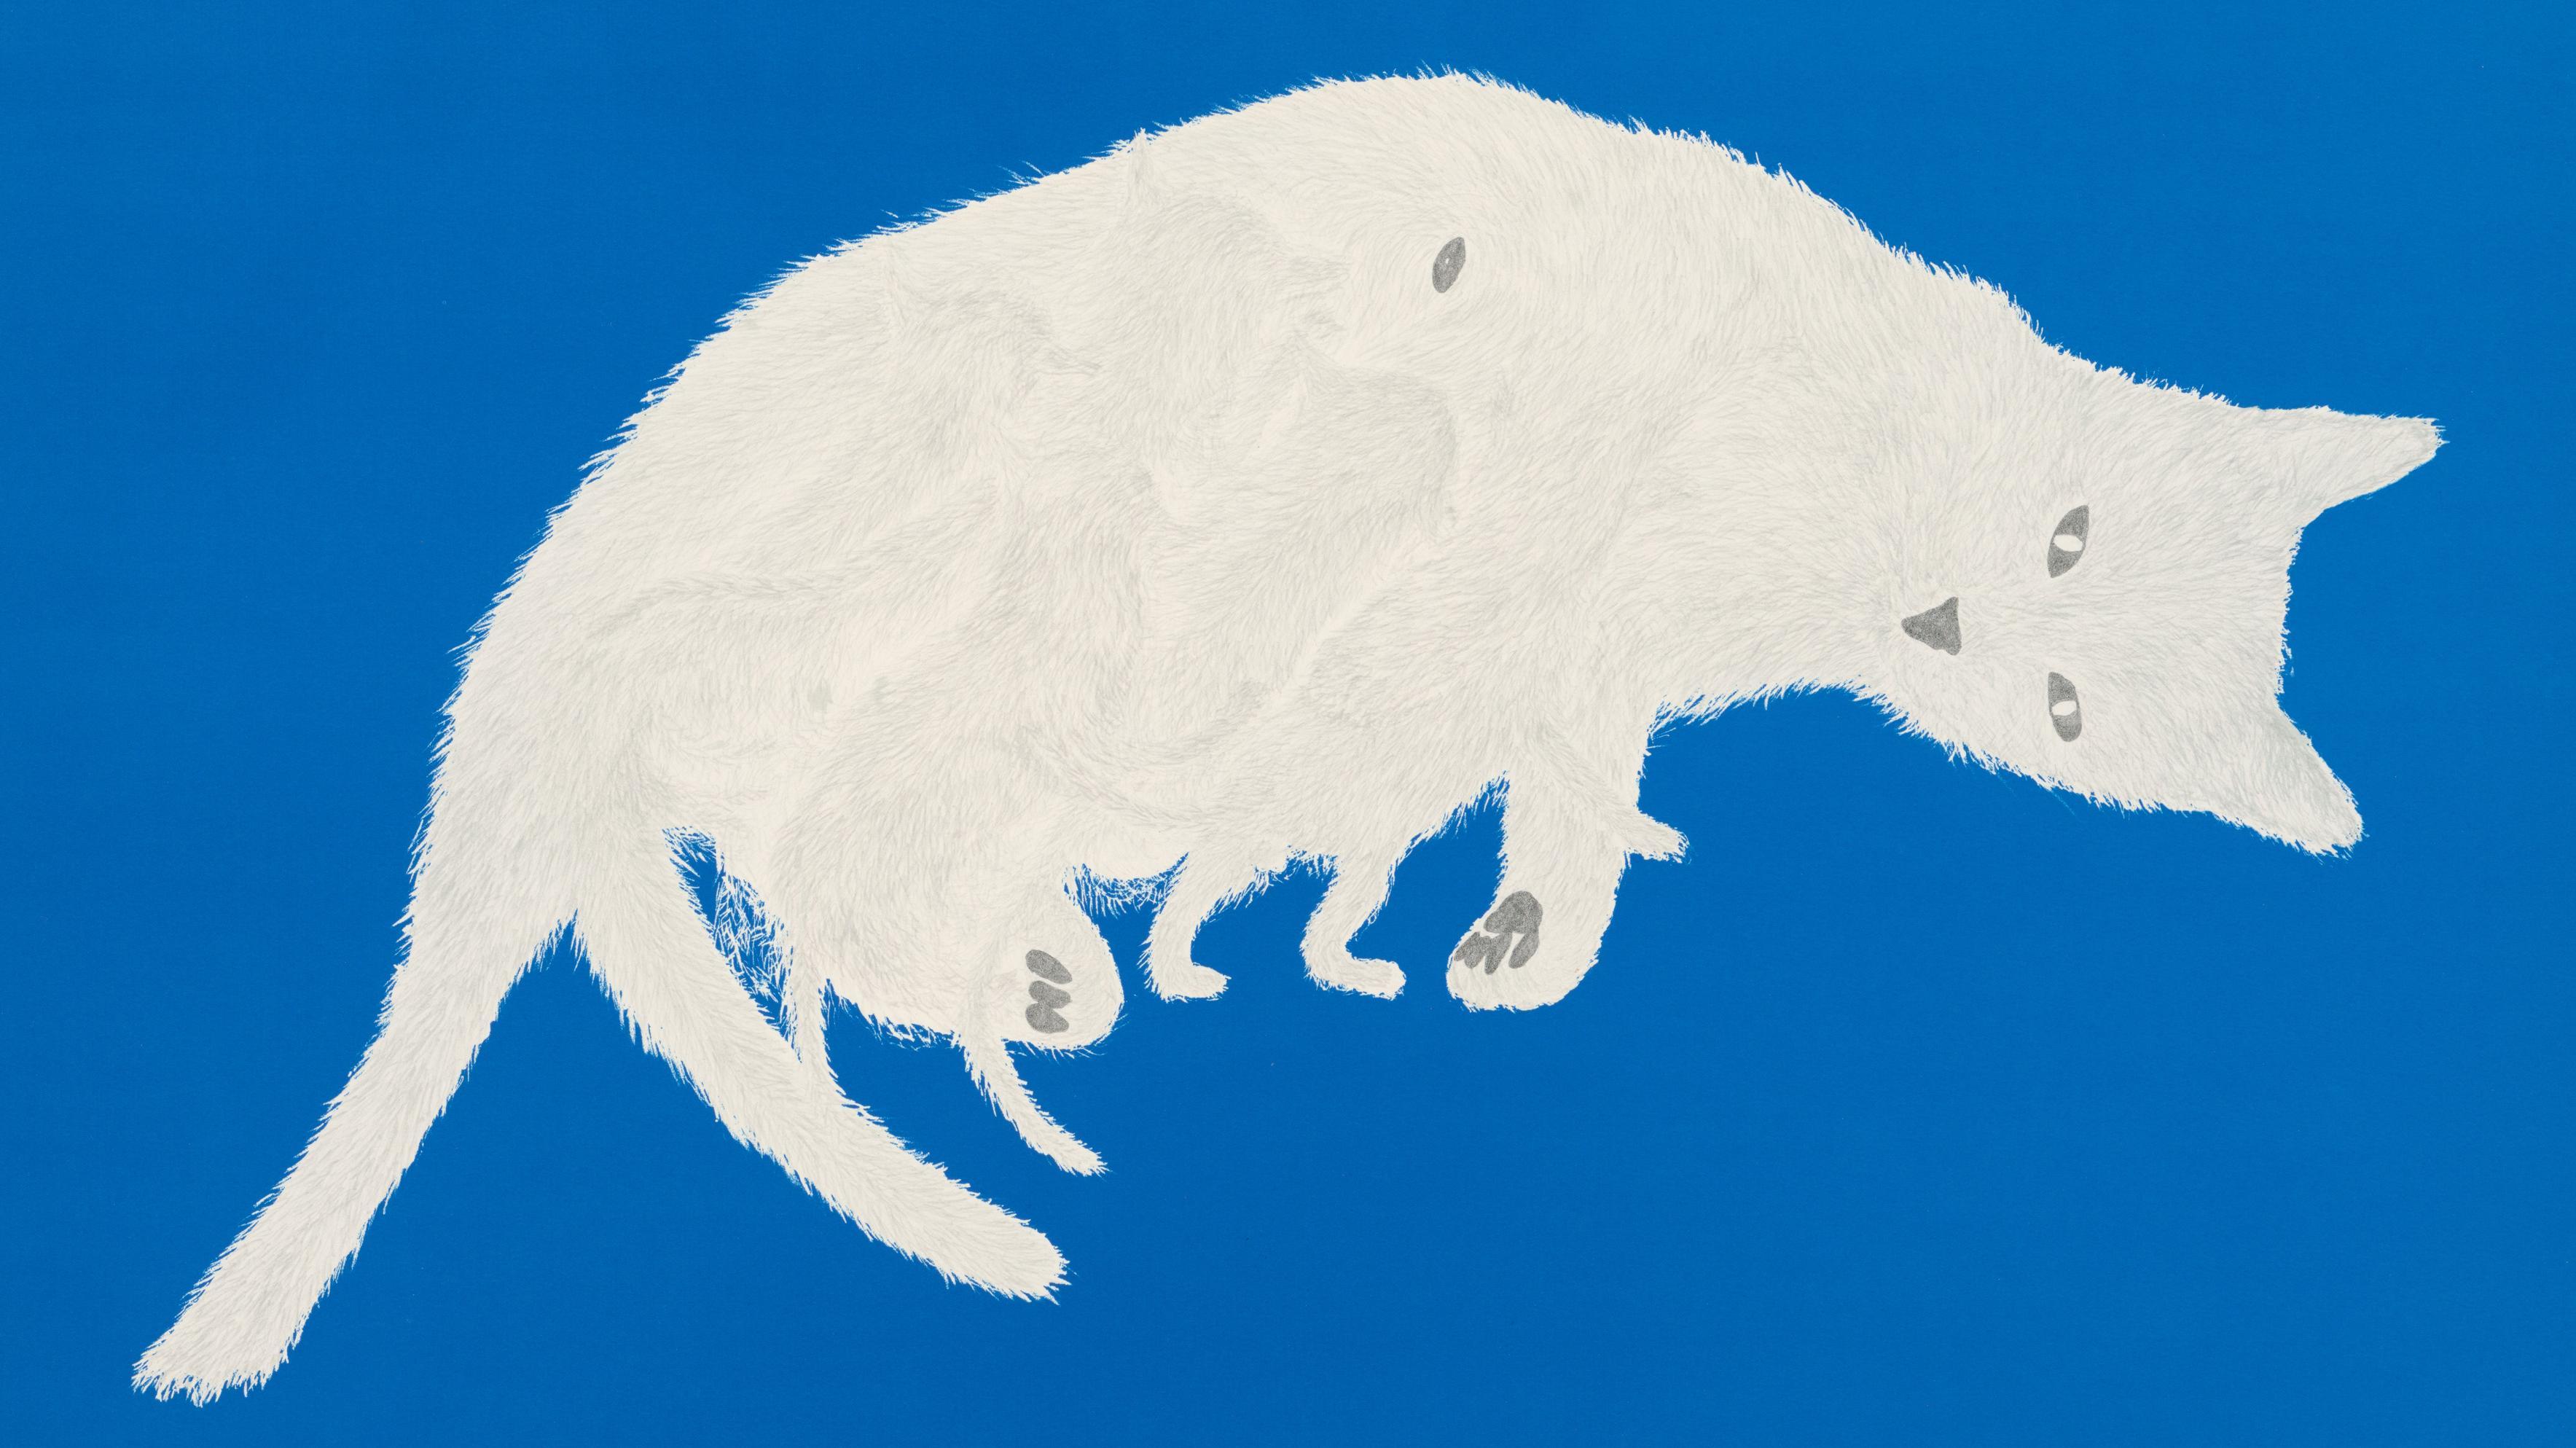 Druckgrafik mit weißer Katze auf blauem Grund